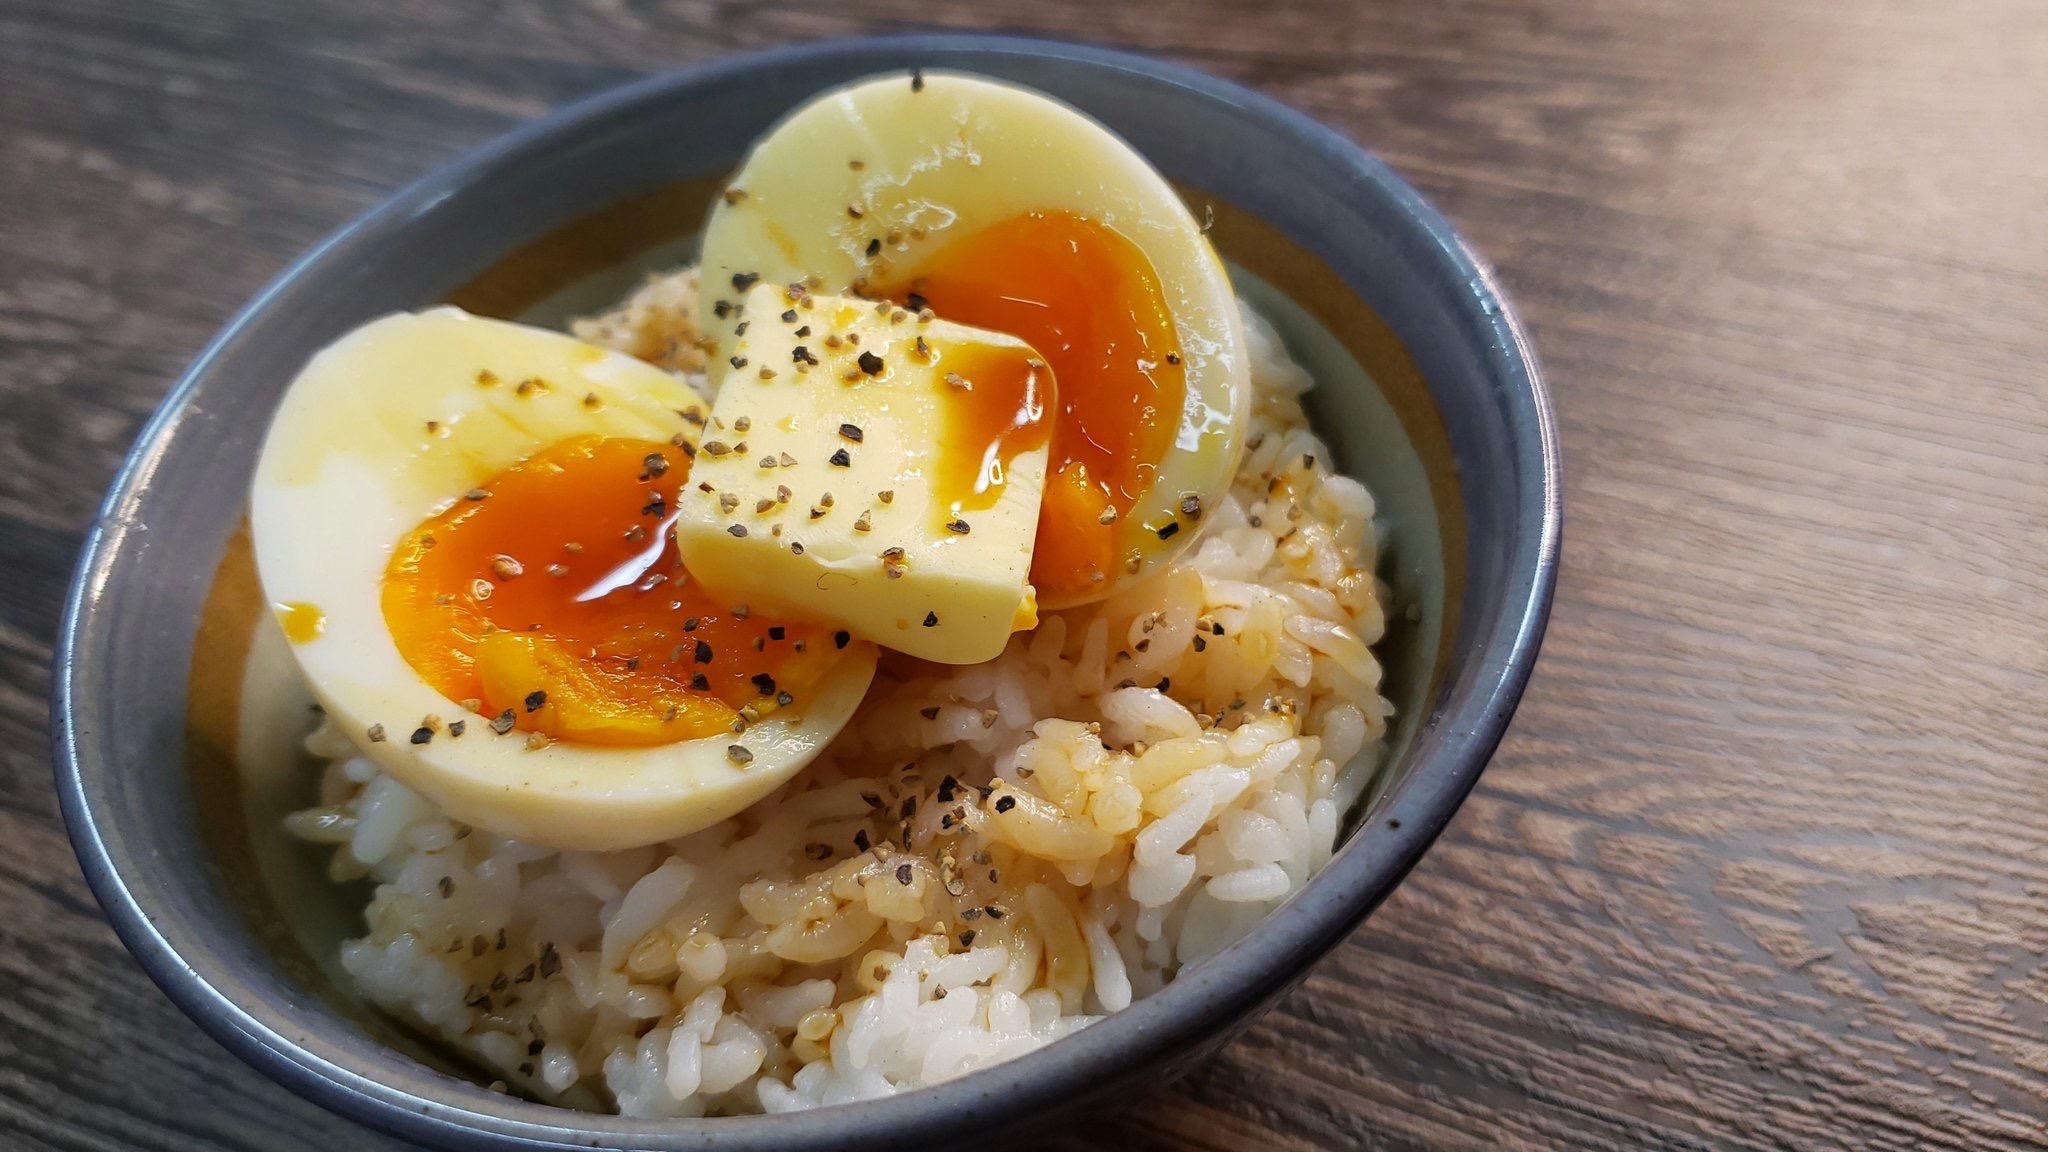 【悲報】プロの料理人「究極の卵かけご飯を生み出しました。これぞ悪魔のTKG」